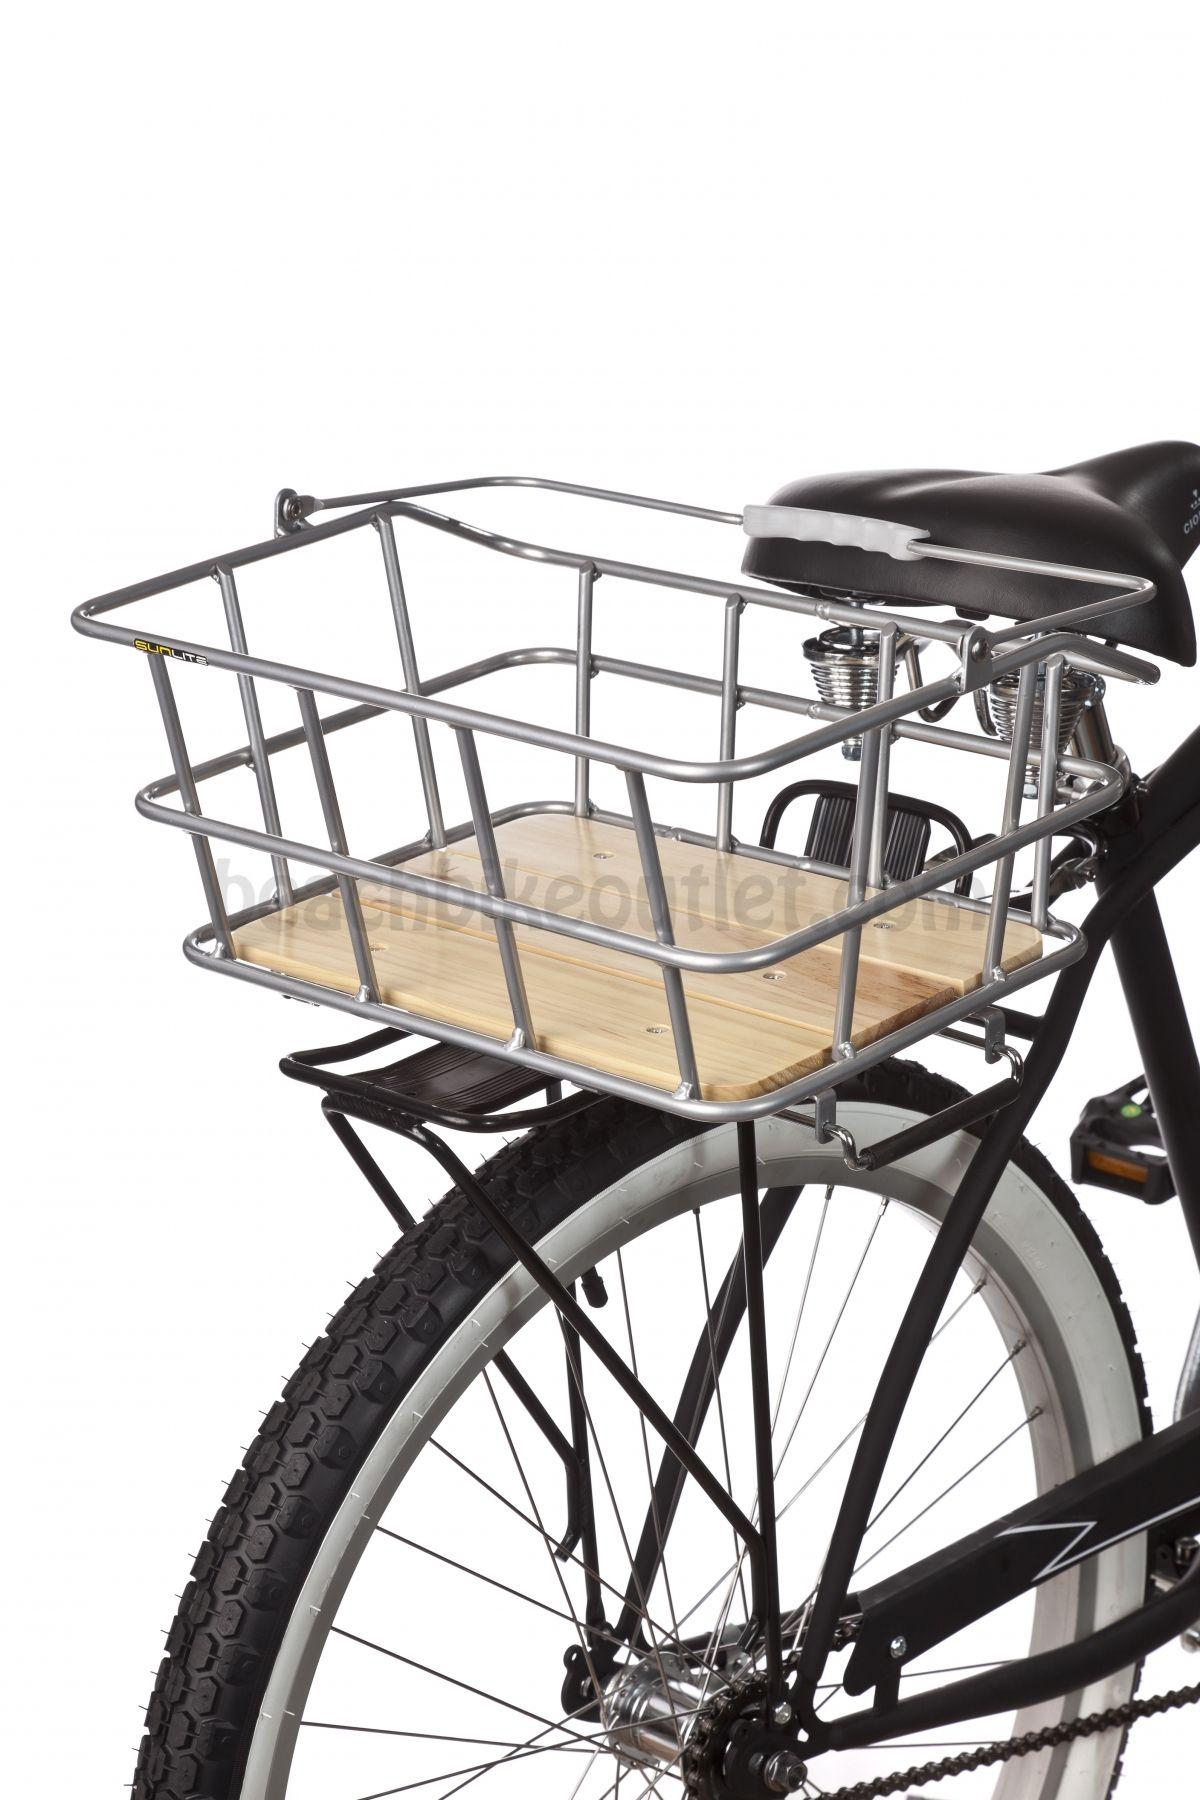 Sunlite Woody Rack Top Rear Basket Rear Bike Rack Everyday